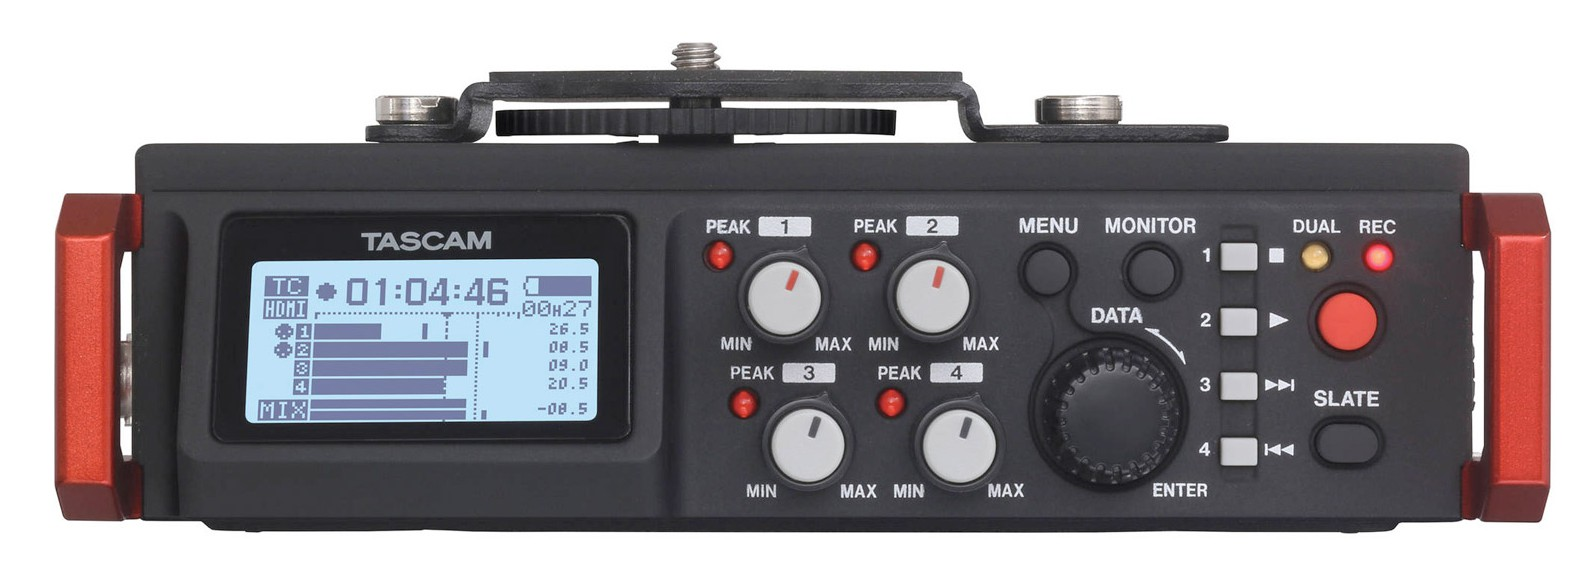 tascam-dr701d-front